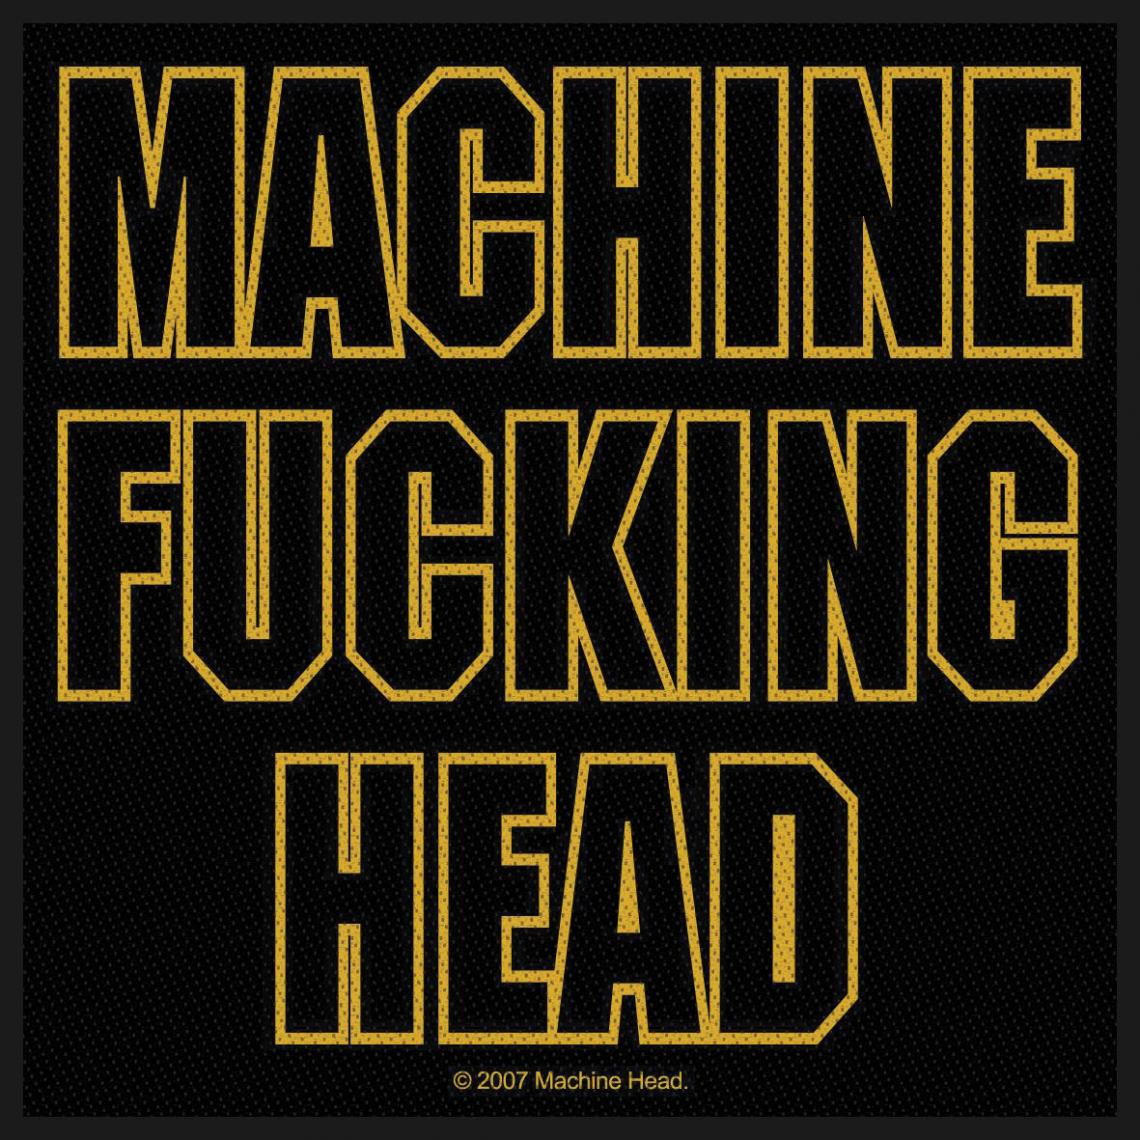 Thrash Under Pressure: Machine Head